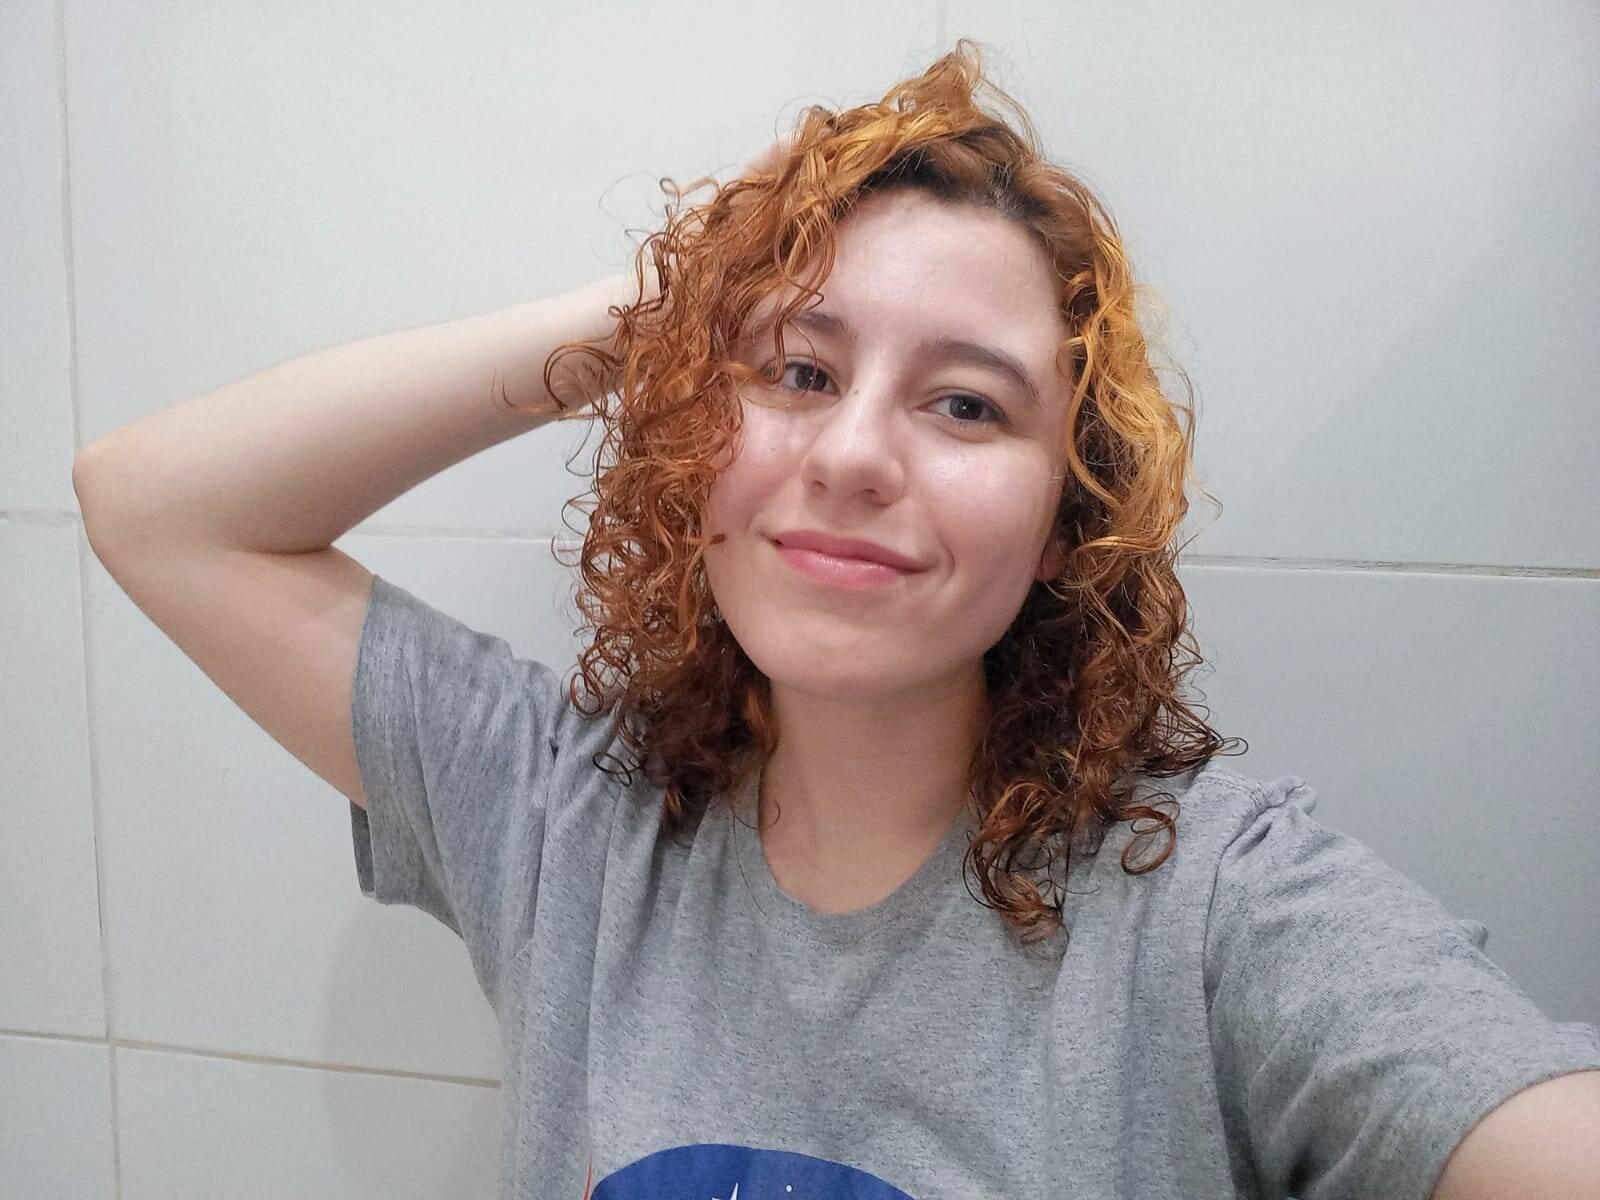 O cabelo logo após a secagem não fica 100% seco; apesar de tirar o frizz e dar definição, o cabelo fica com menos volume. Foto: Acervo pessoal